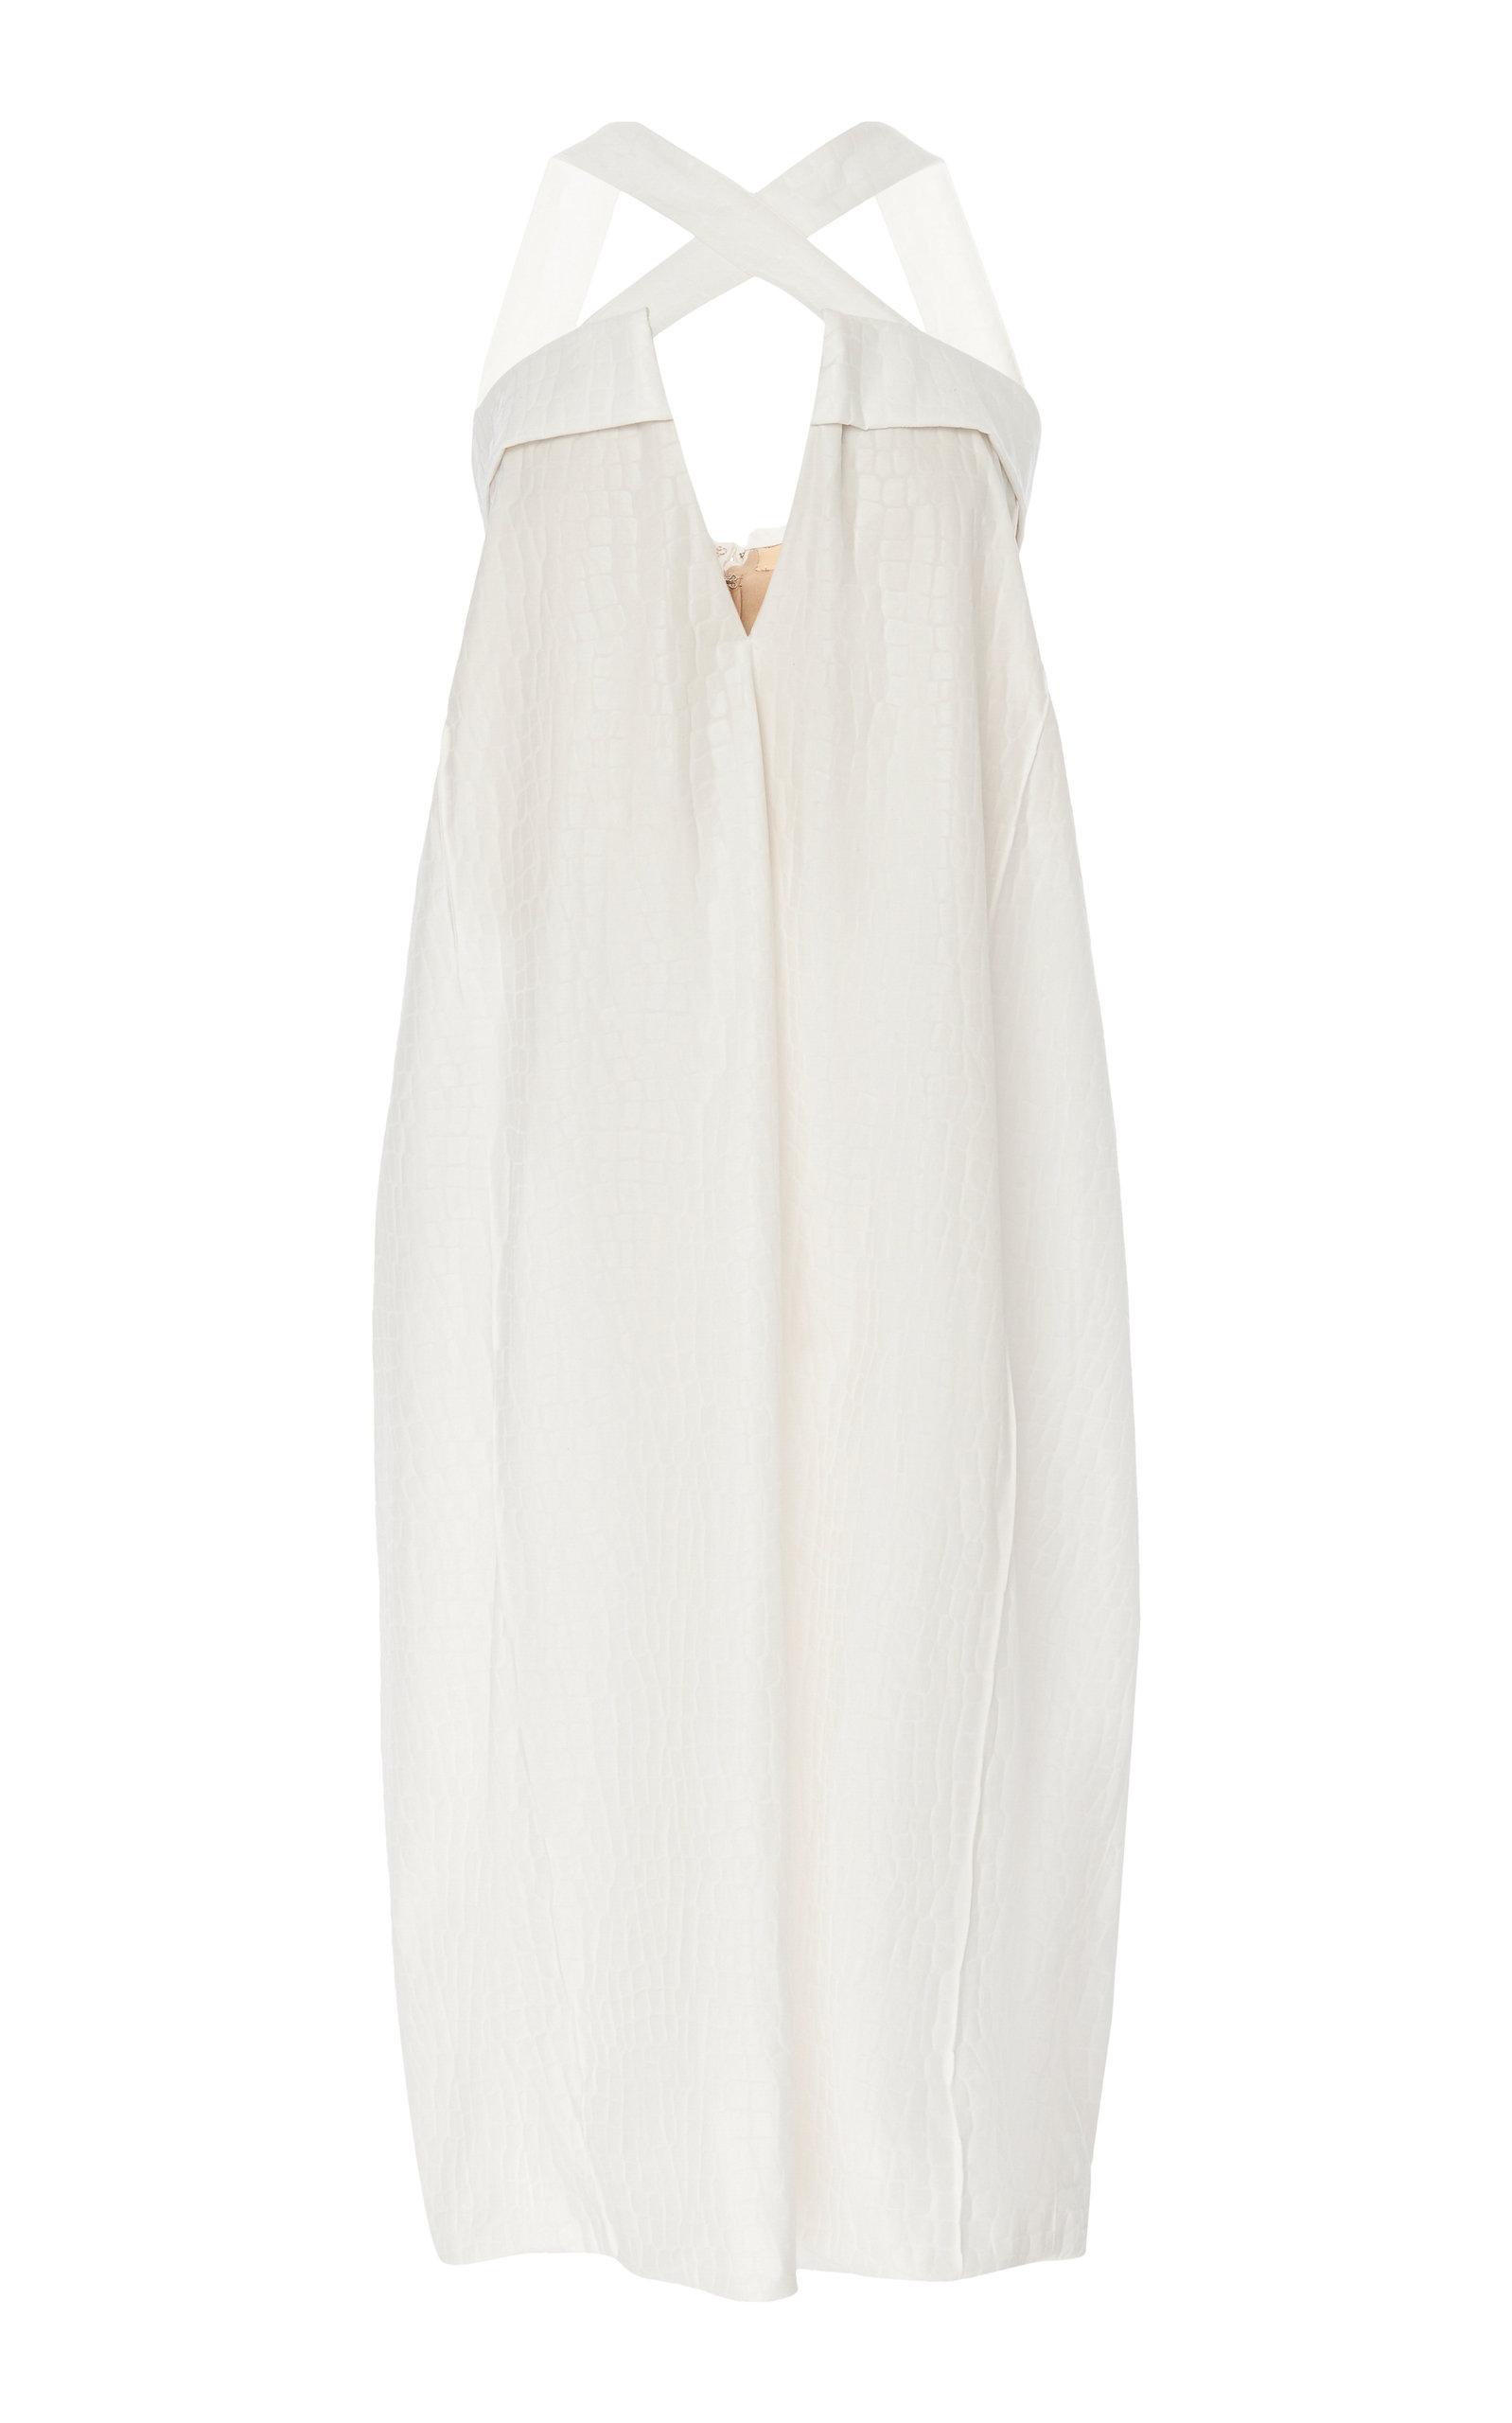 Buy Maison Margiela Croc-Effect Faux Leather Midi Dress online, shop Maison Margiela at the best price